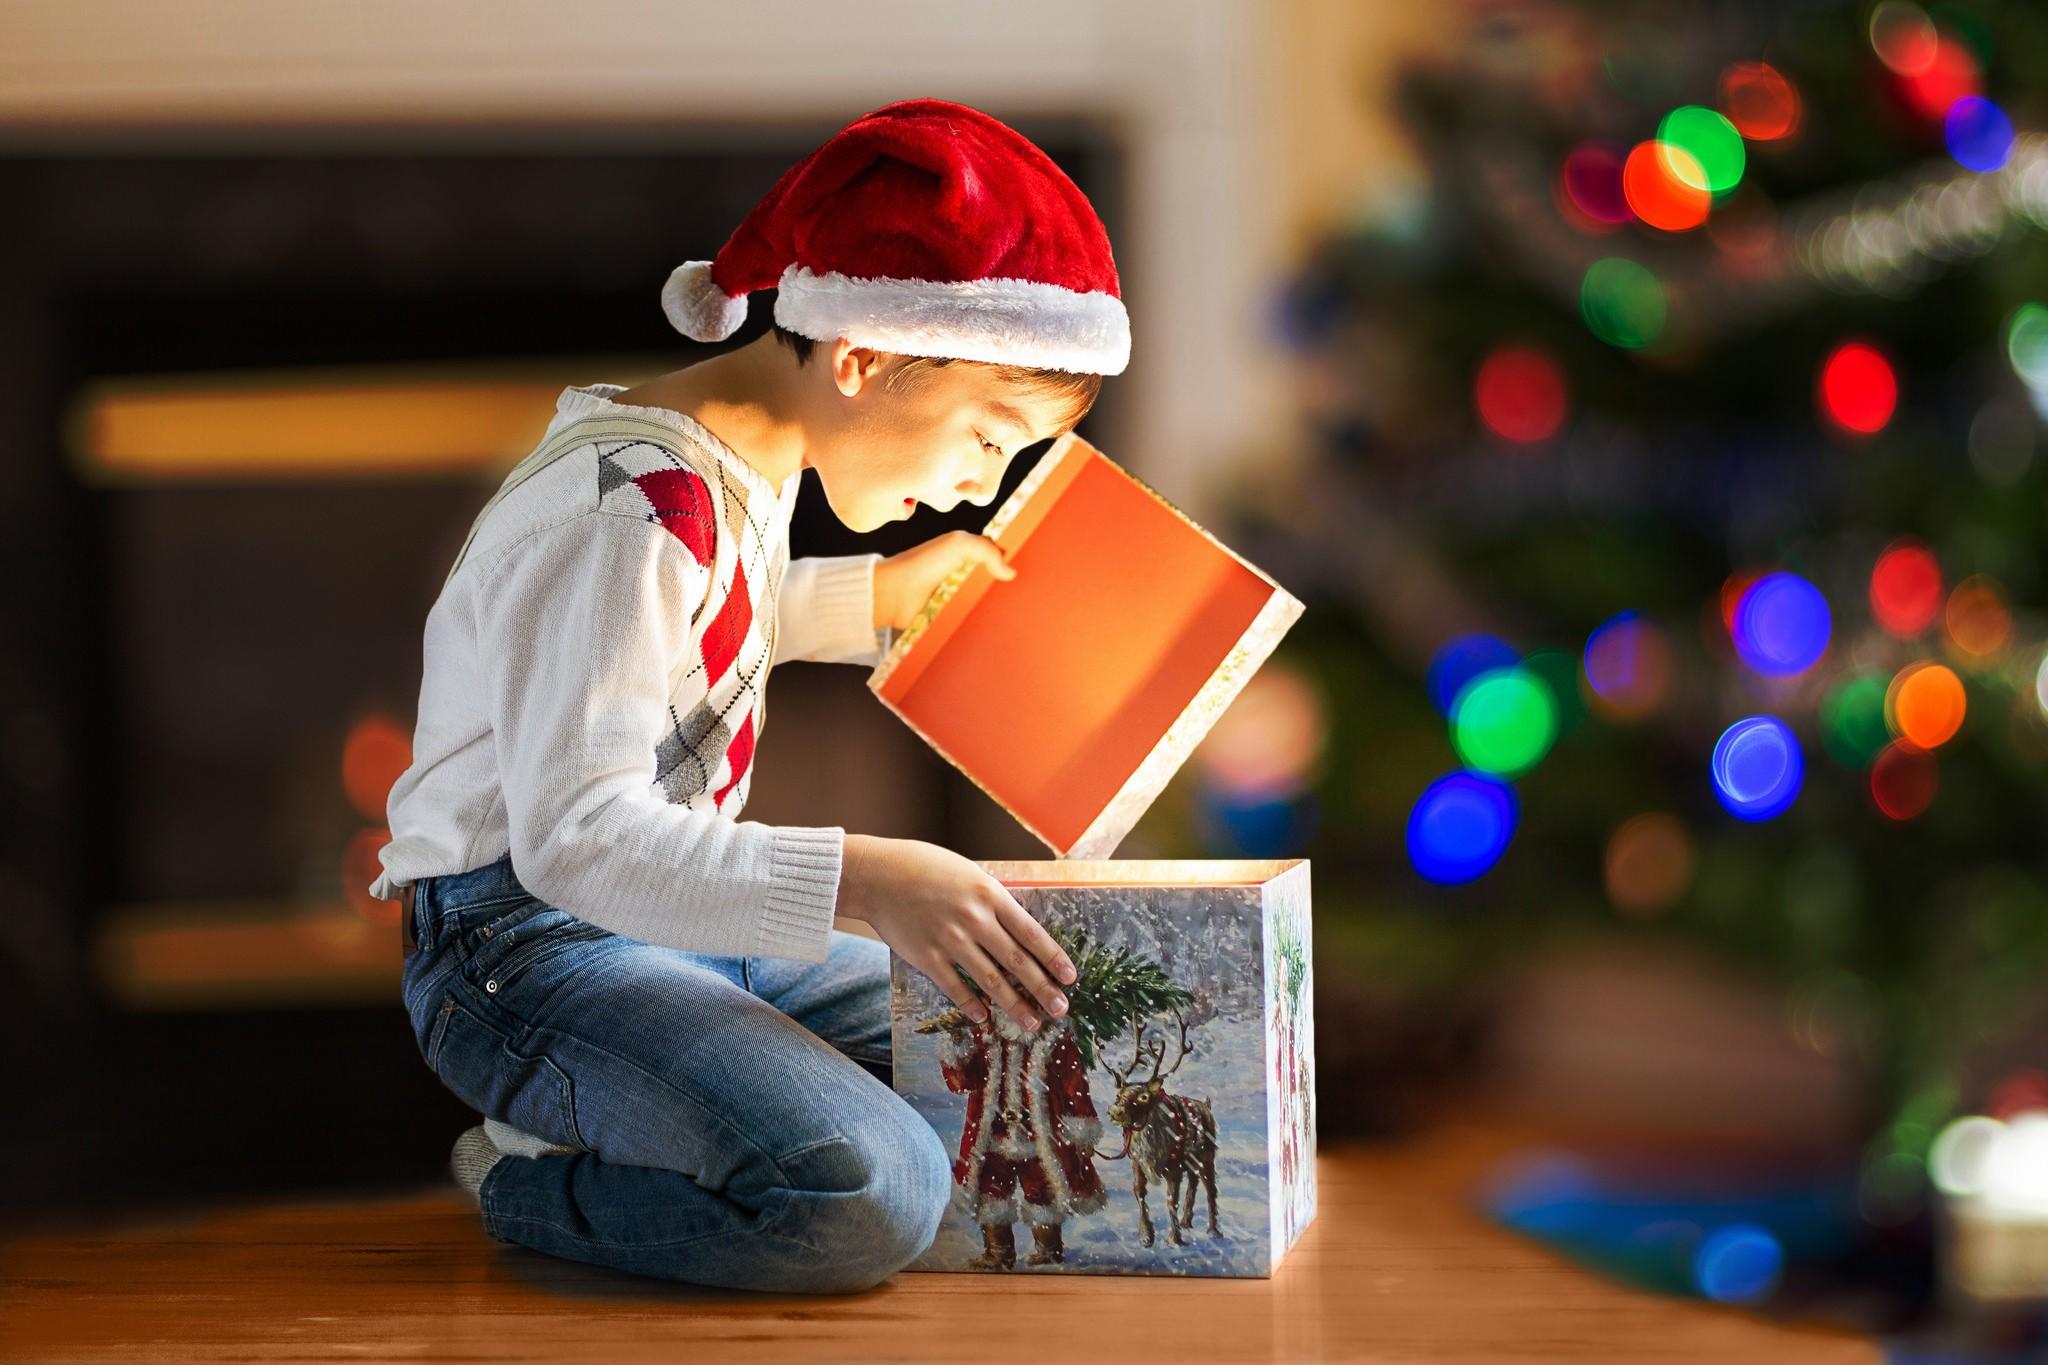 rebenok-chto-podarit Как упаковать подарок - В подарочную бумагу своими руками